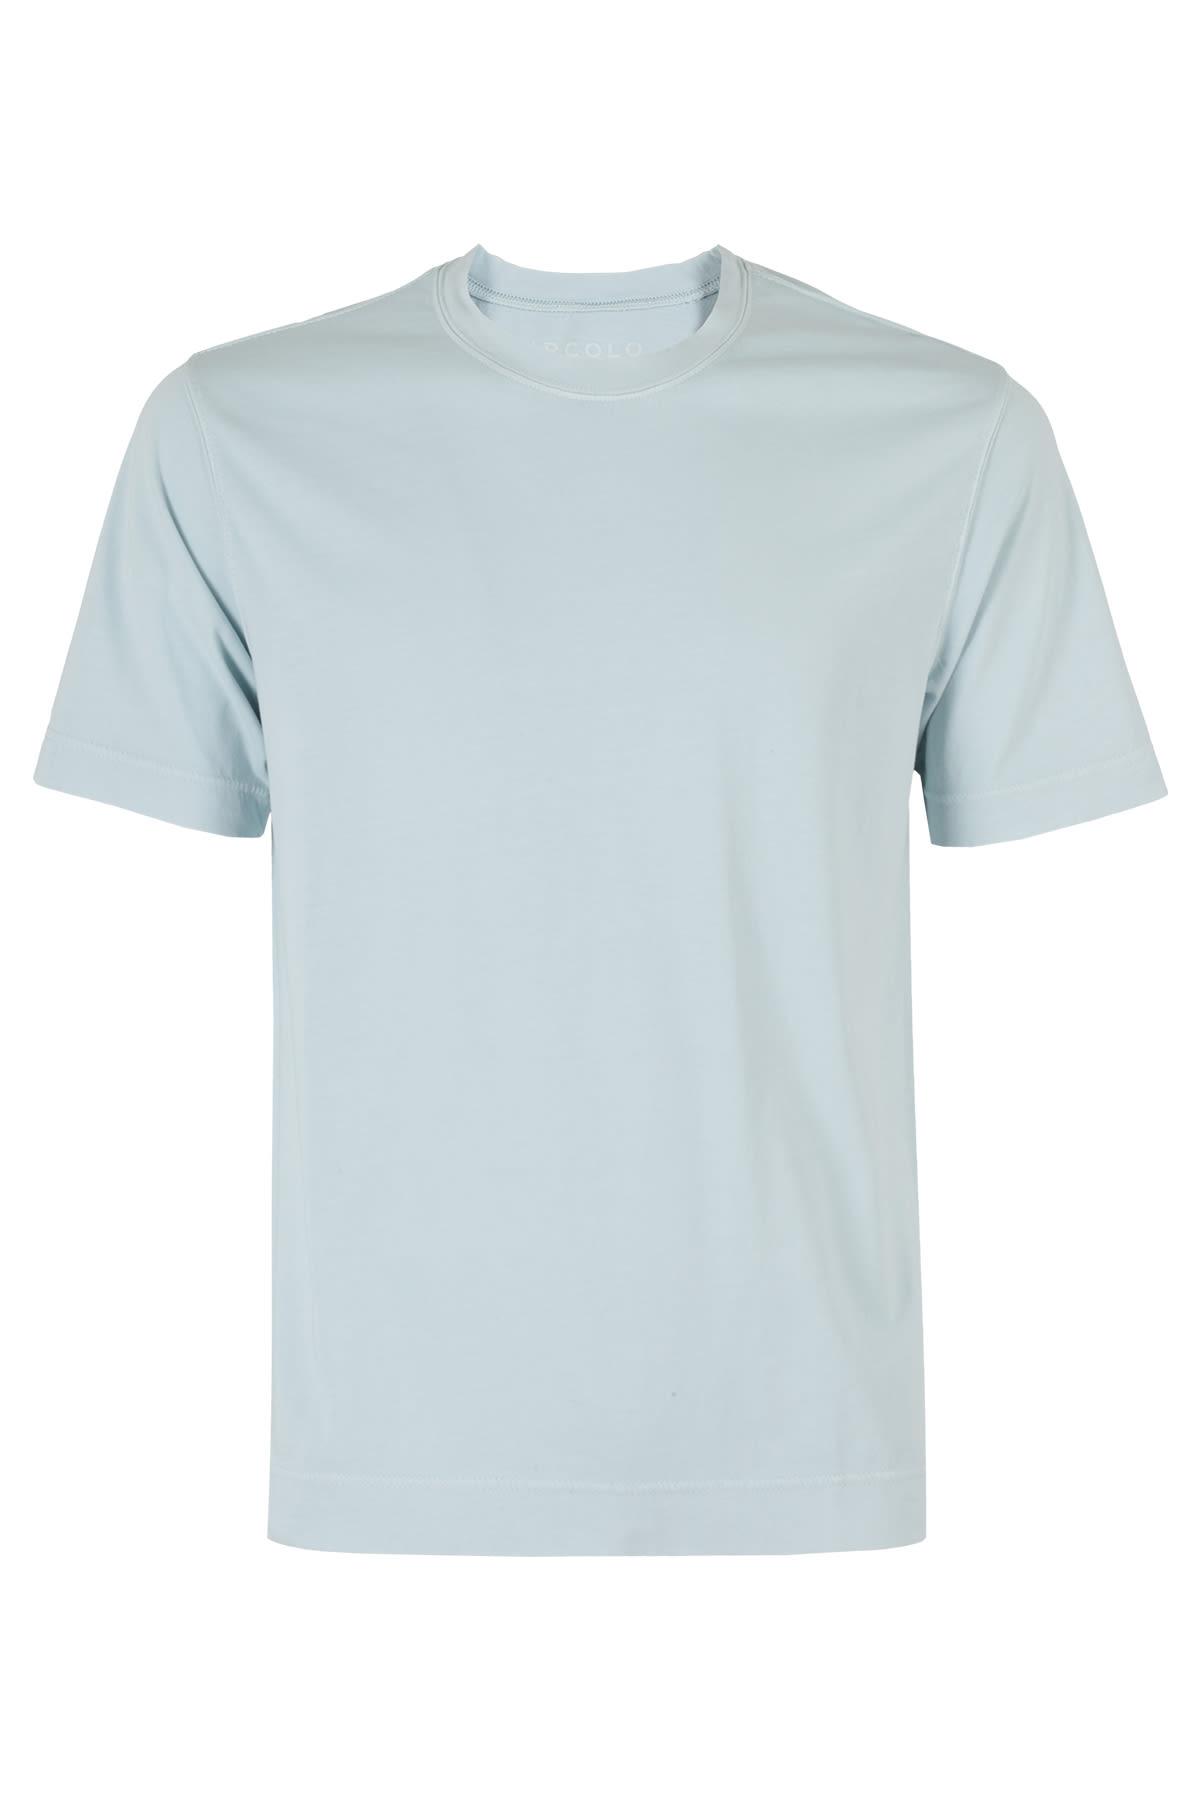 1901 T-Shirt